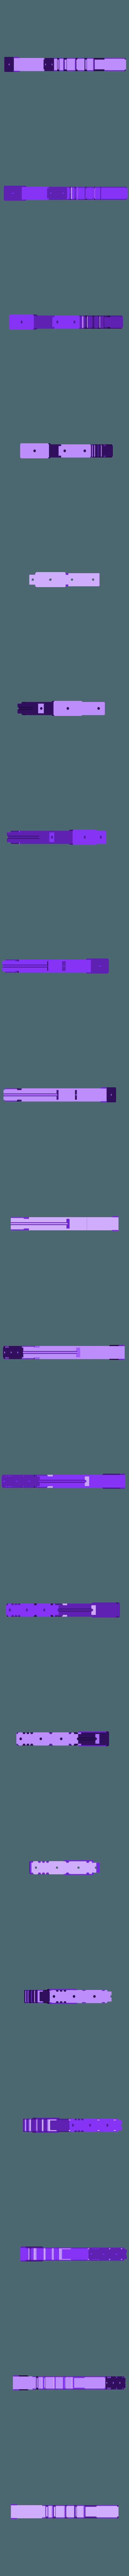 300x300x350 - Black - Blade - Part 5 (Advent Children).stl Download STL file Final Fantasy VII - Buster Sword - Bracelet - Shoulder pad  • 3D print model, 3Dutchie